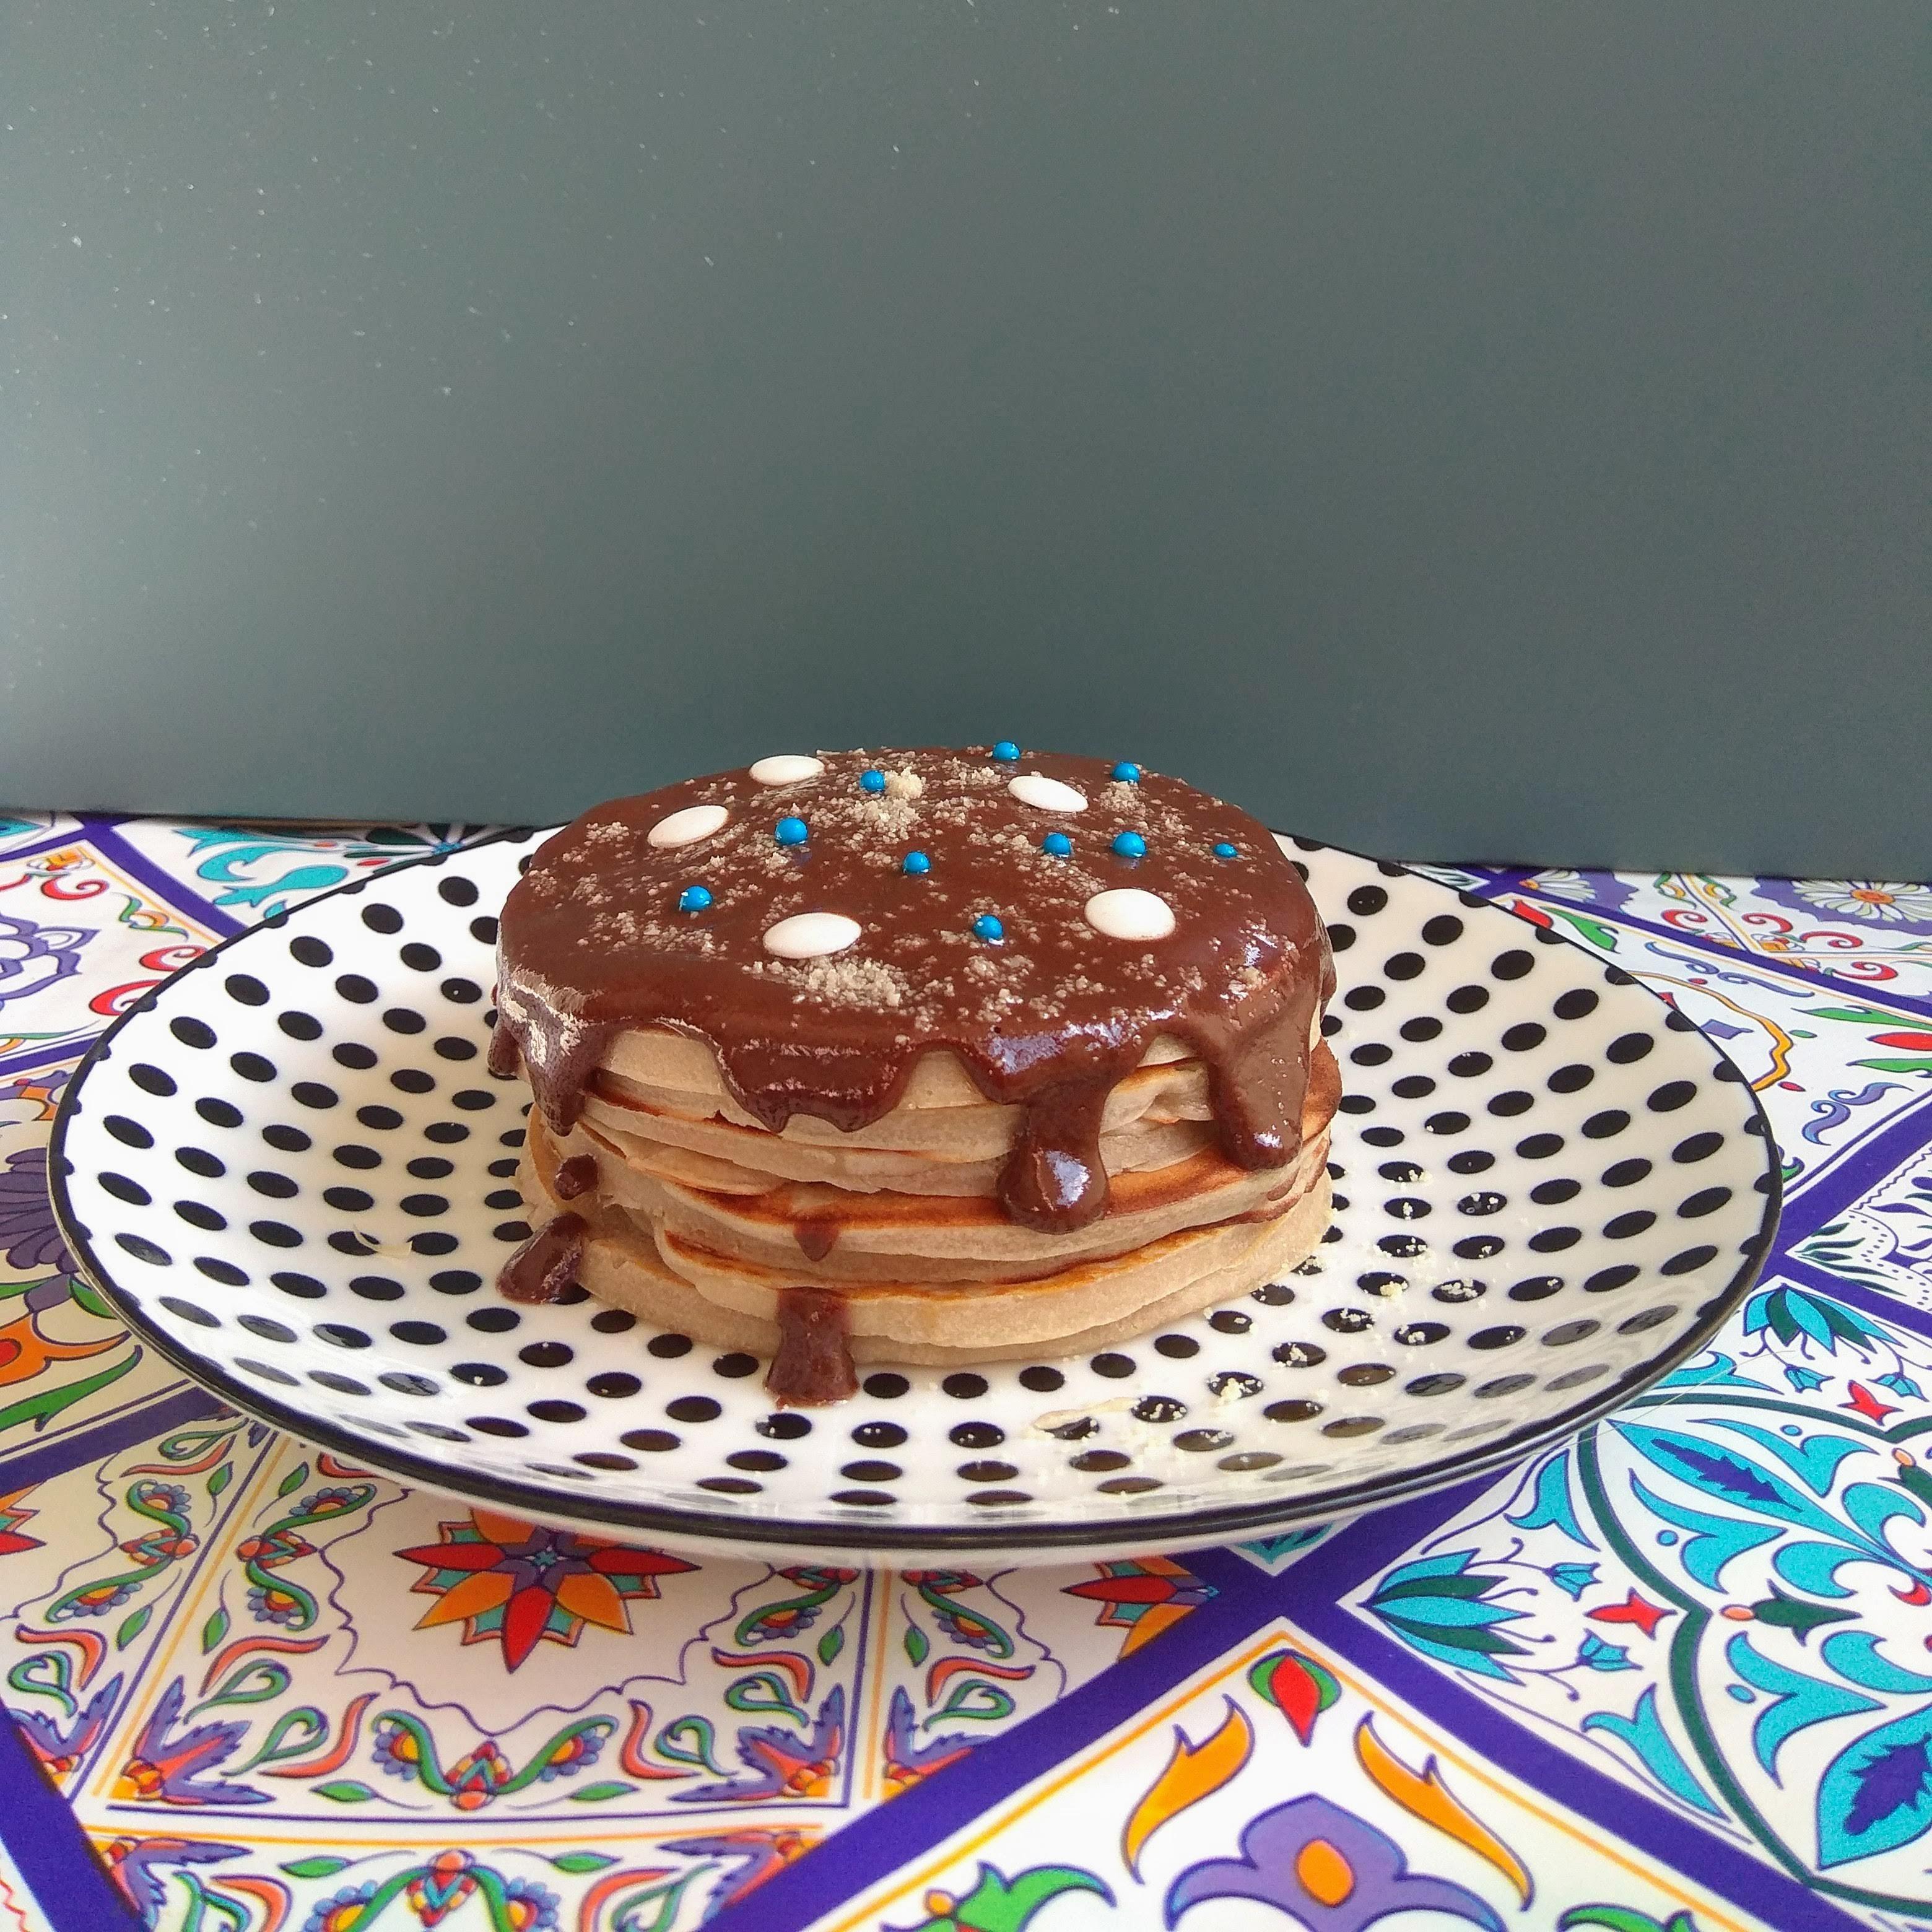 Receta de tortitas fáciles de nocilla. Descúbrelas en: www.cocinandoconlola.com